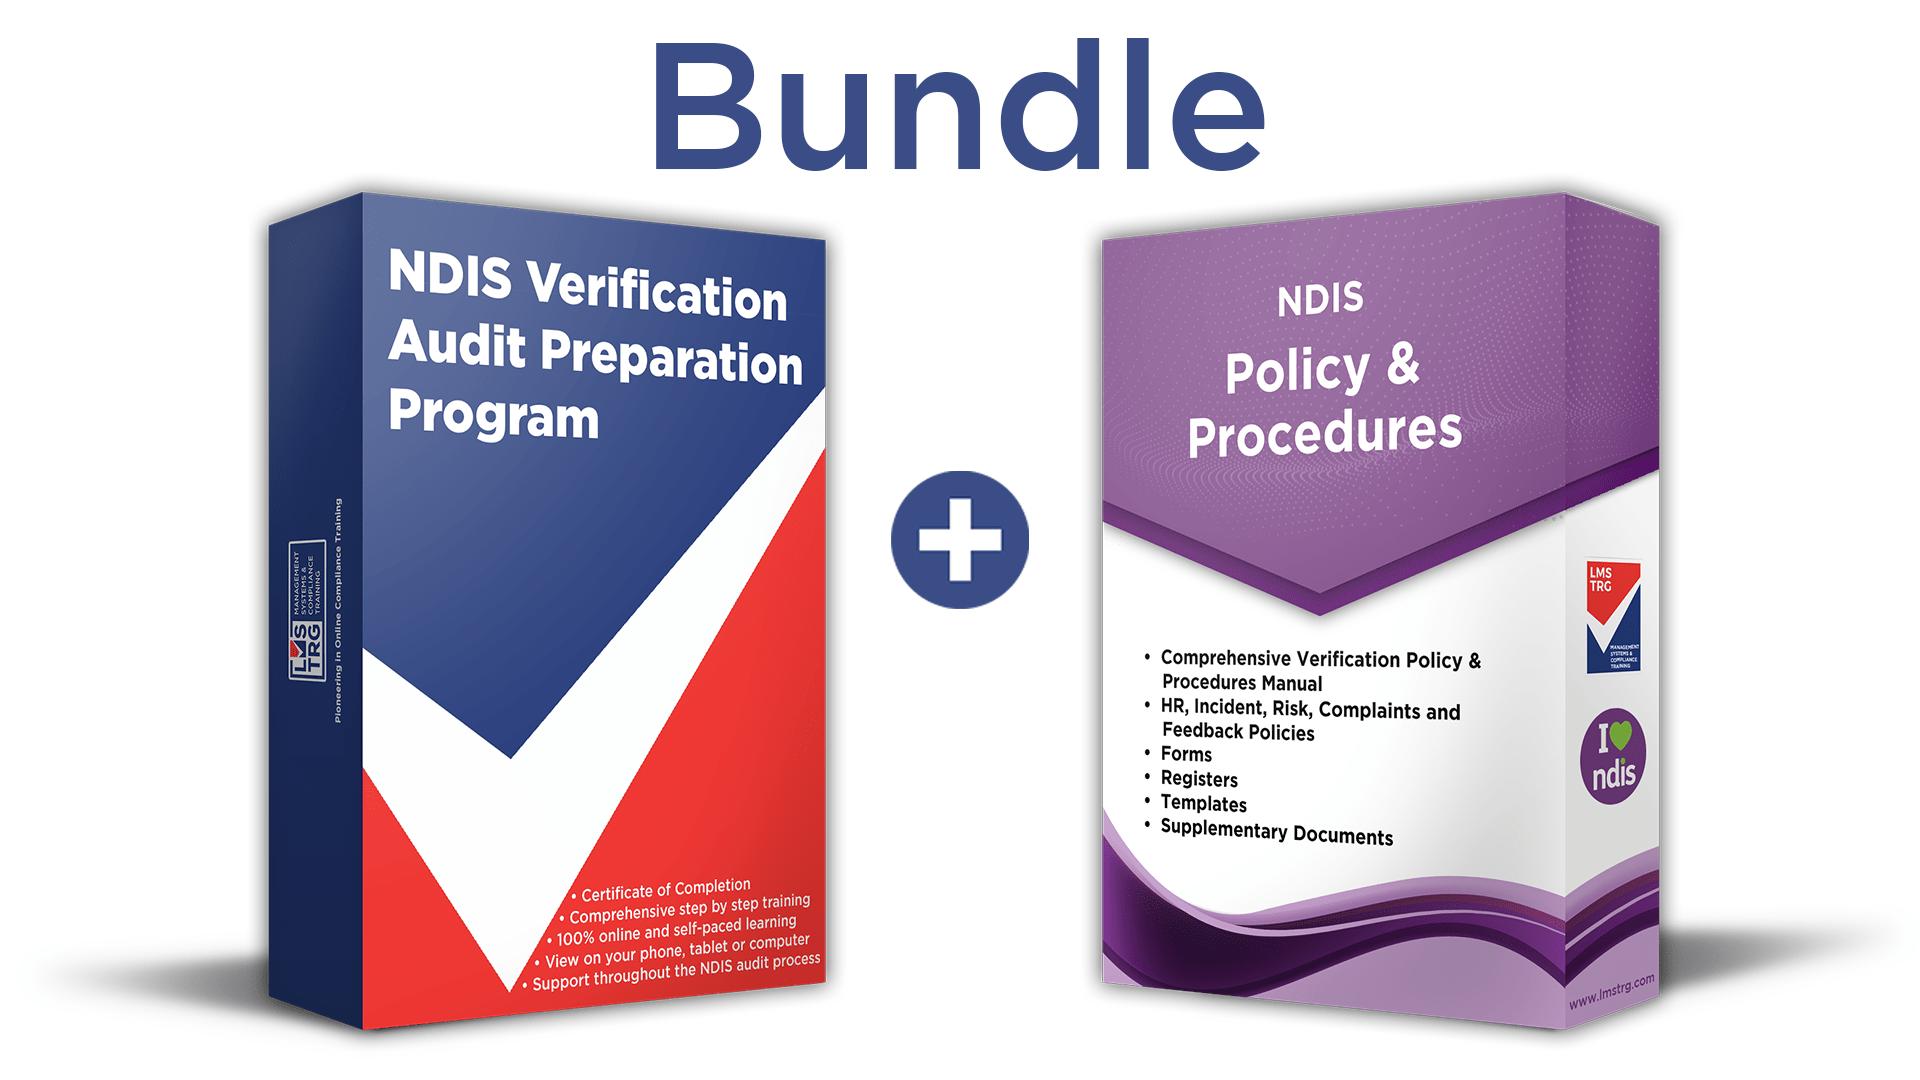 NDIS Verification Bundle